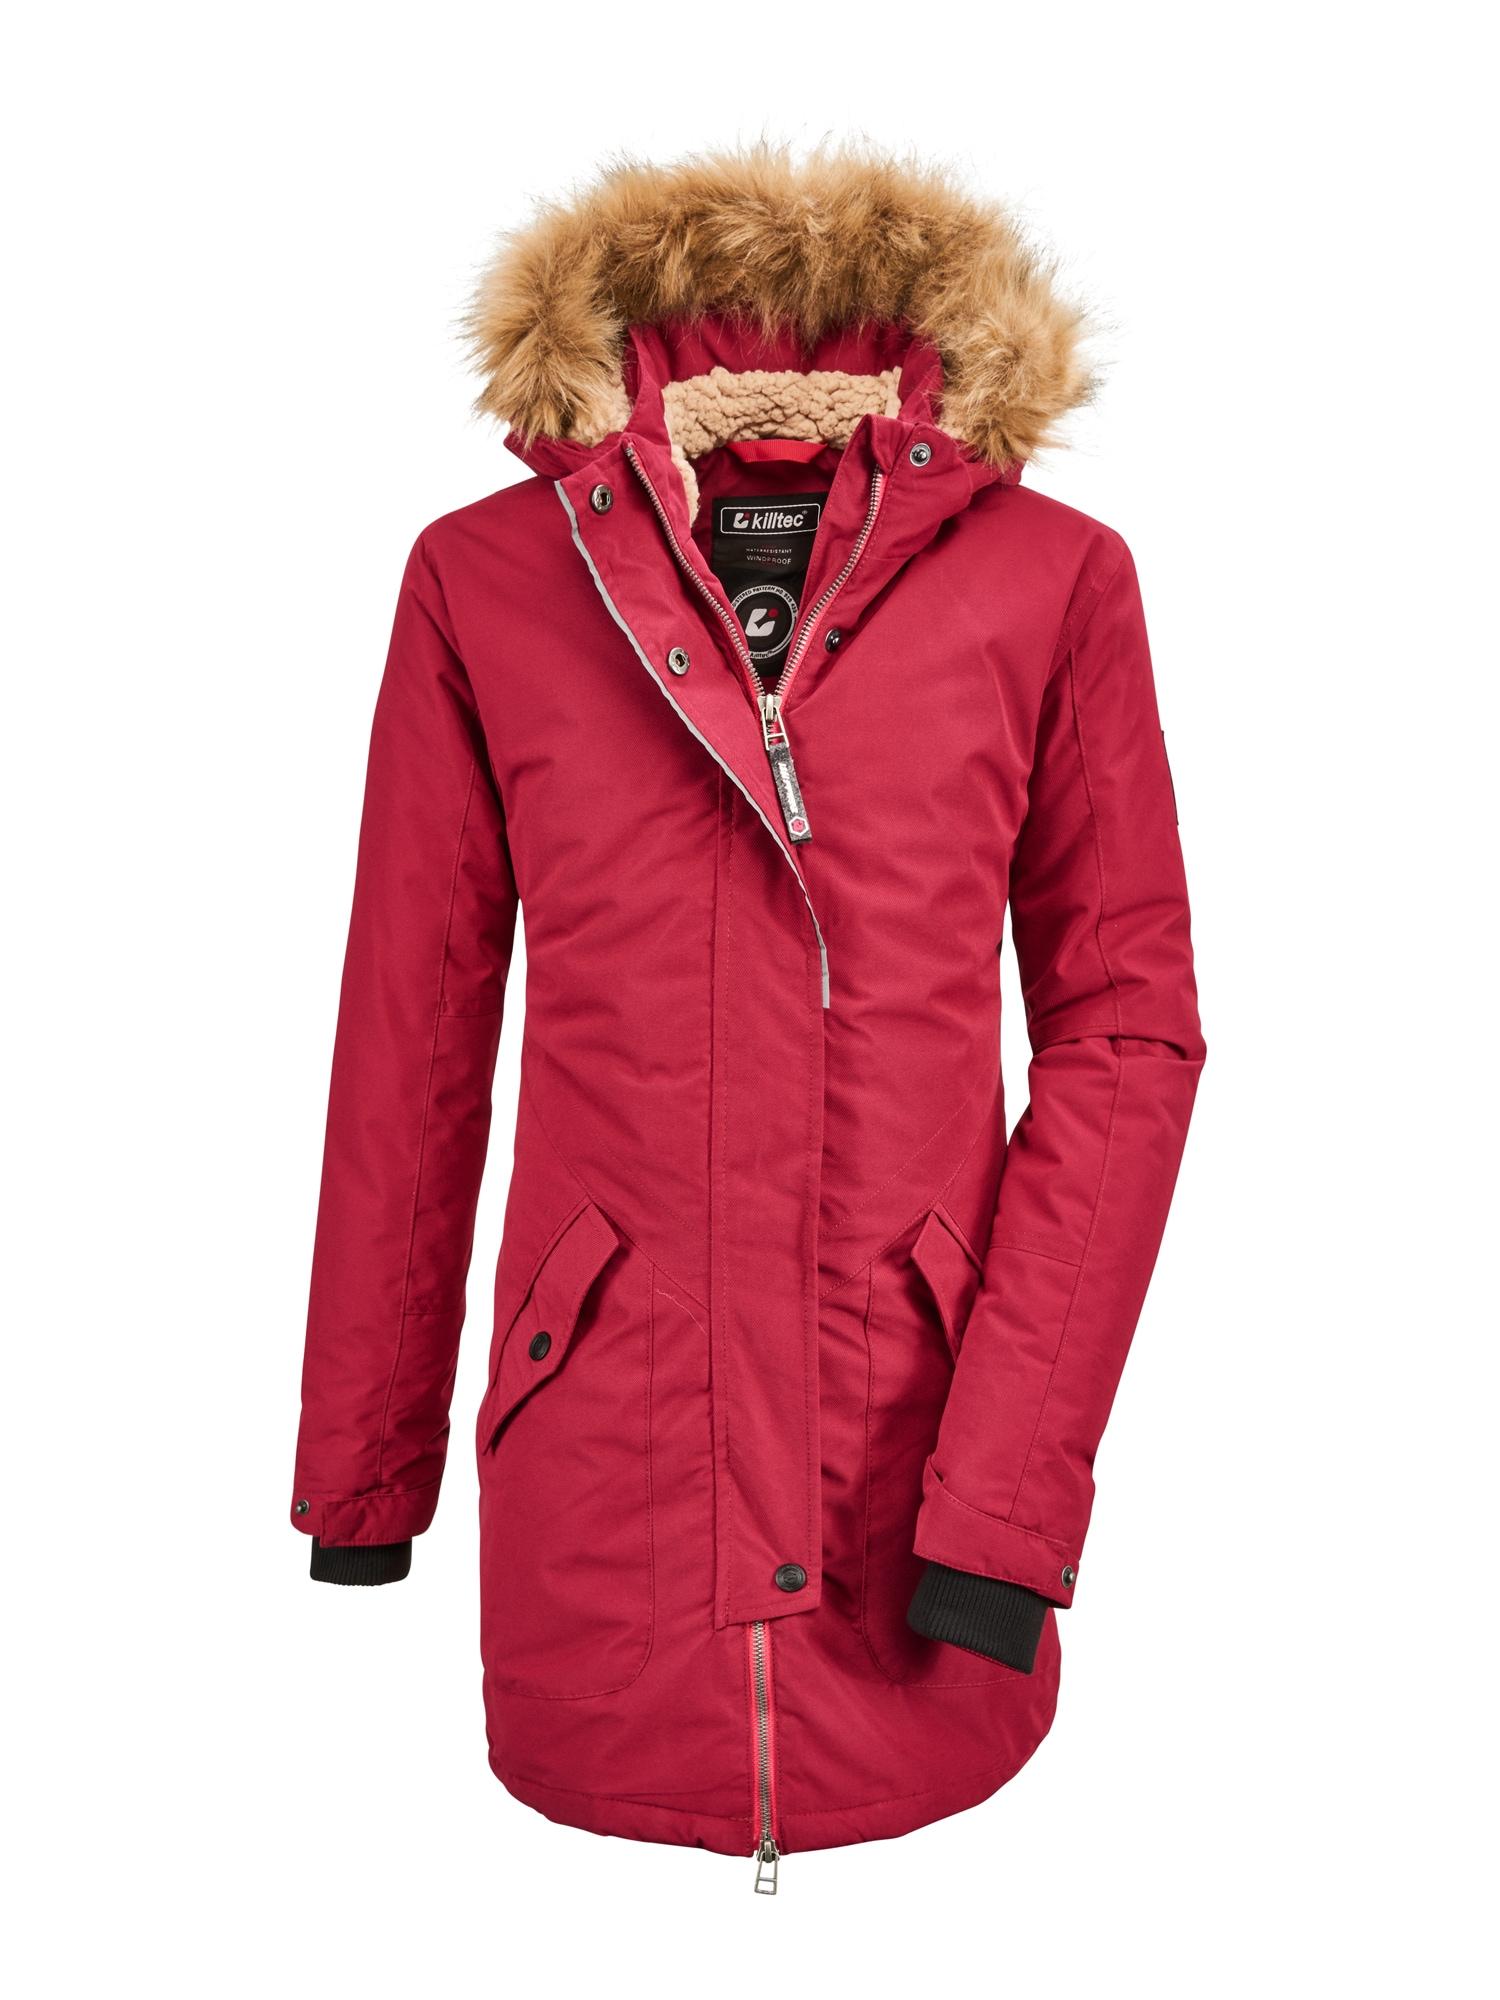 KILLTEC Laisvalaikio striukė 'Bantry' pastelinė raudona / šviesiai ruda / juoda